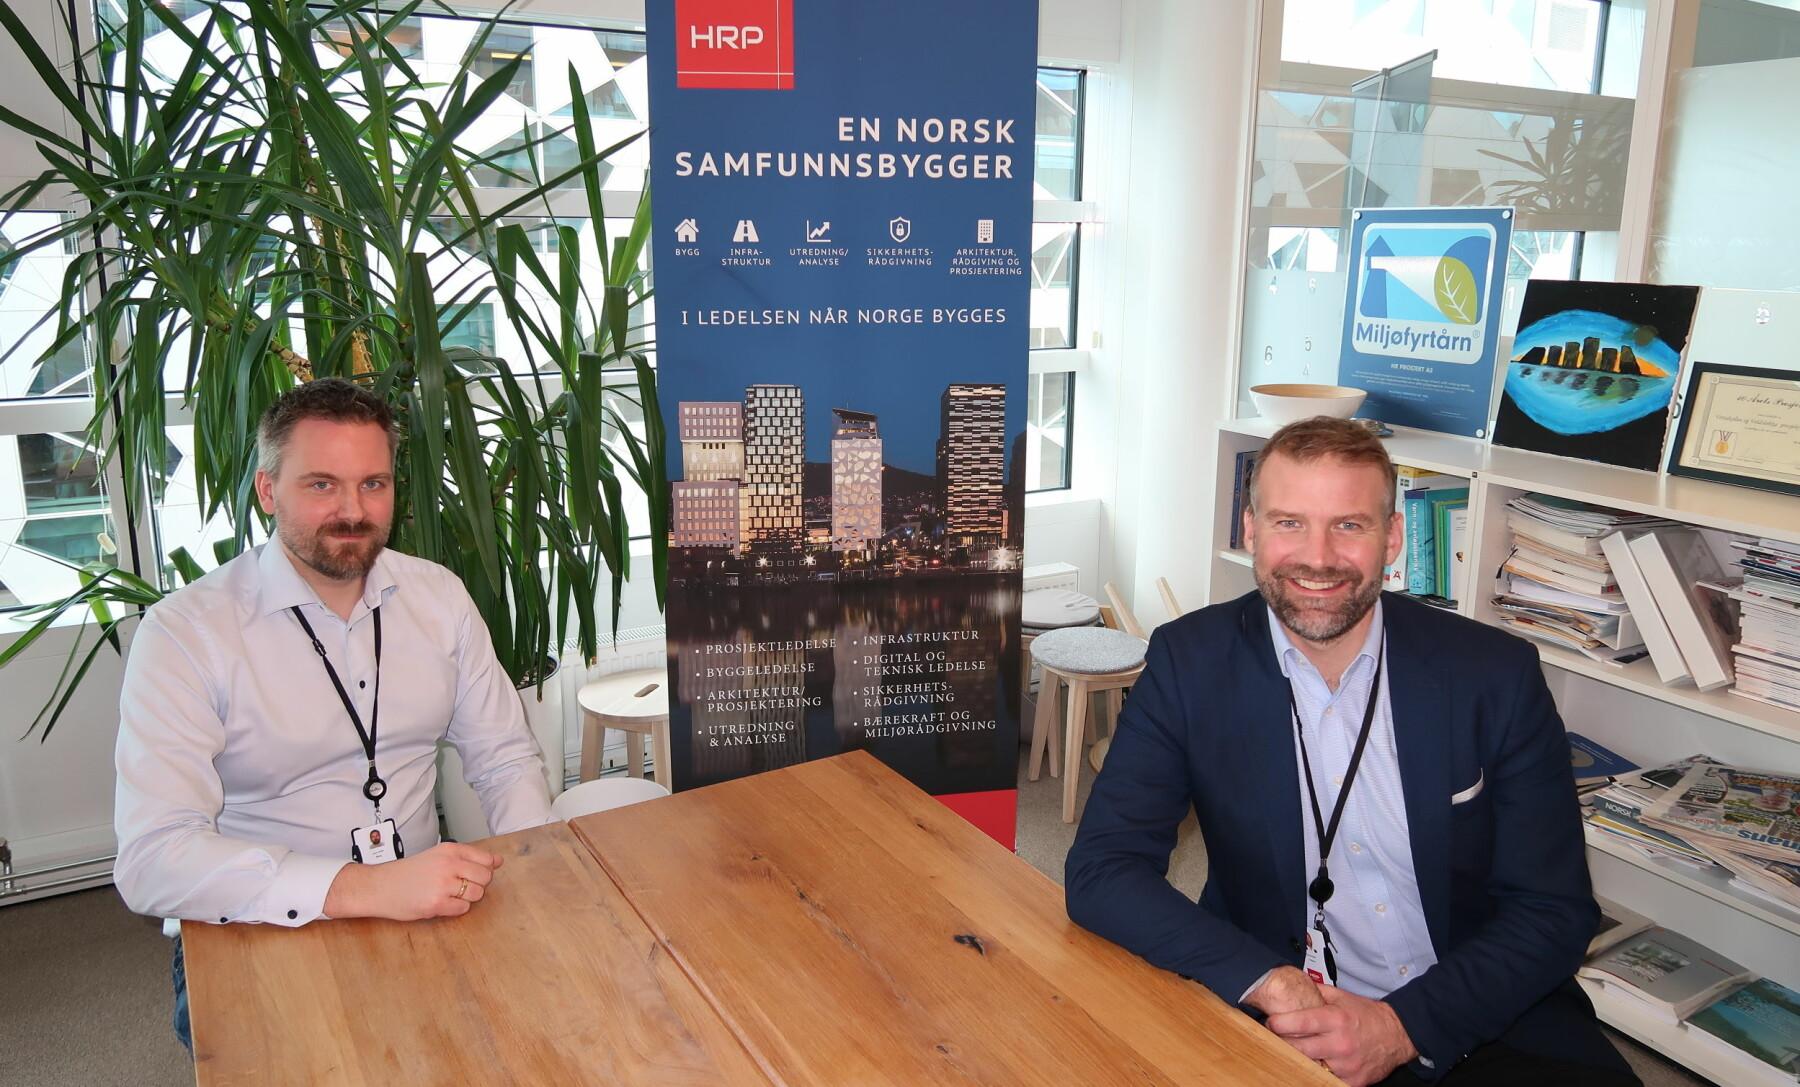 Lars Eirik Berg og Carl-Axel Hagen i HRP ser et stort marked for rådgivning innen etikk og menneskerettigheter i sikkerhetsbransjen.